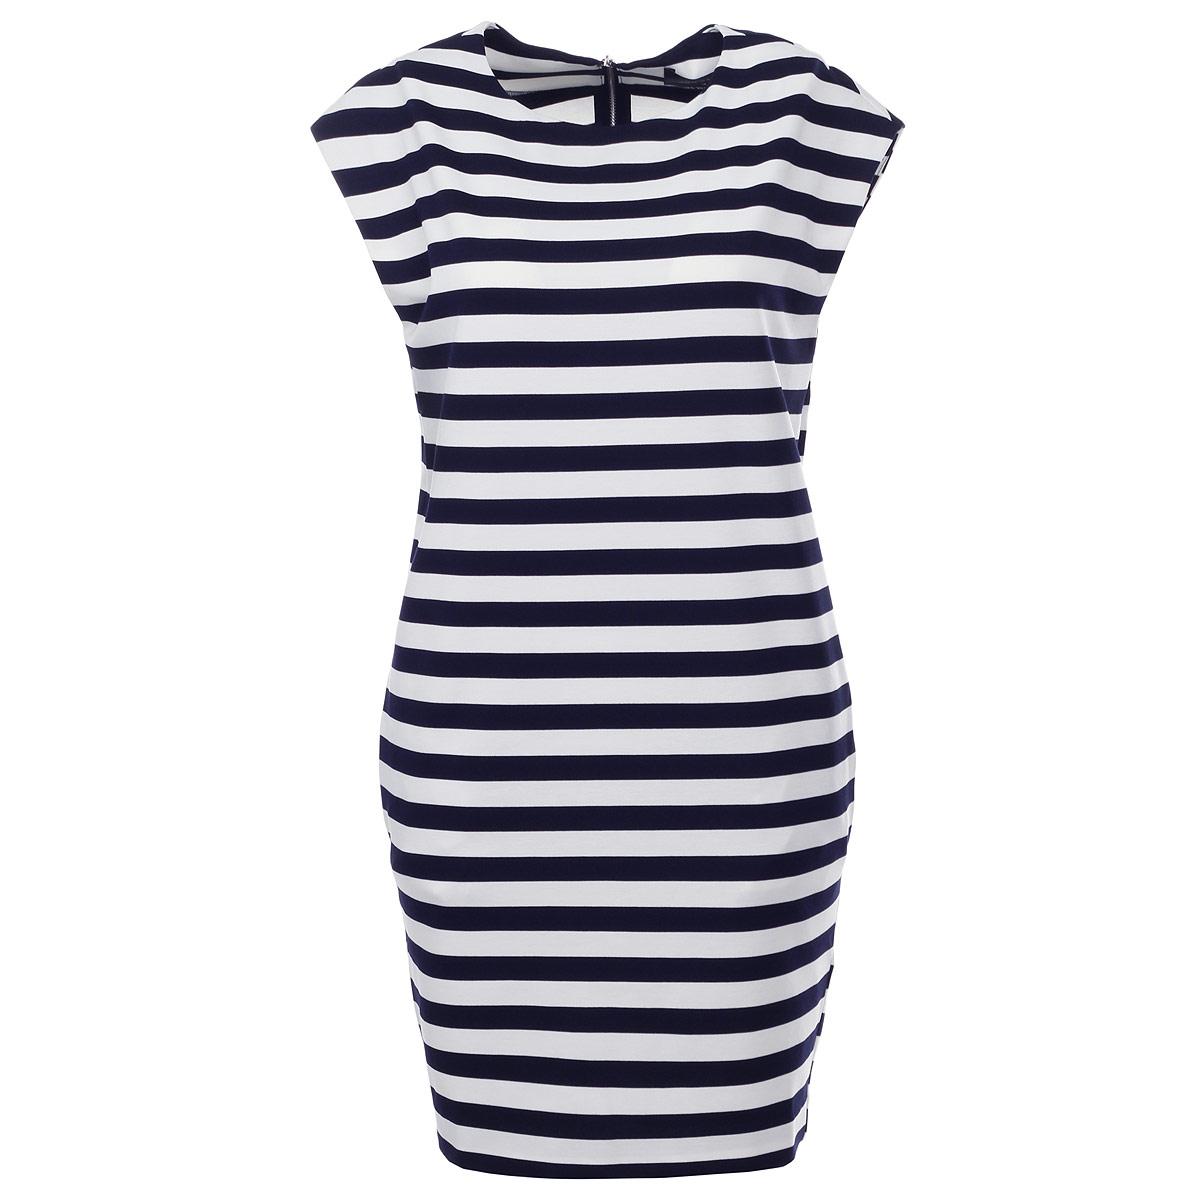 Платье. SSU1329SSU1329BIСтильное платье Top Secret станет превосходным дополнением к вашему гардеробу. Изготовленное из полиэстера с добавлением вискозы и эластана, оно мягкое на ощупь, не раздражает кожу и хорошо вентилируется. Модель прямого кроя с круглым вырезом горловины оформлена принтом в полоску. На спинке платье застегивается на металлическую застежку-молнию, что облегчит процесс переодевания. По бокам изделие дополнено двумя втачными карманами. Это платье подарит вам удобство и поможет вам подчеркнуть свой вкус и неповторимый стиль.